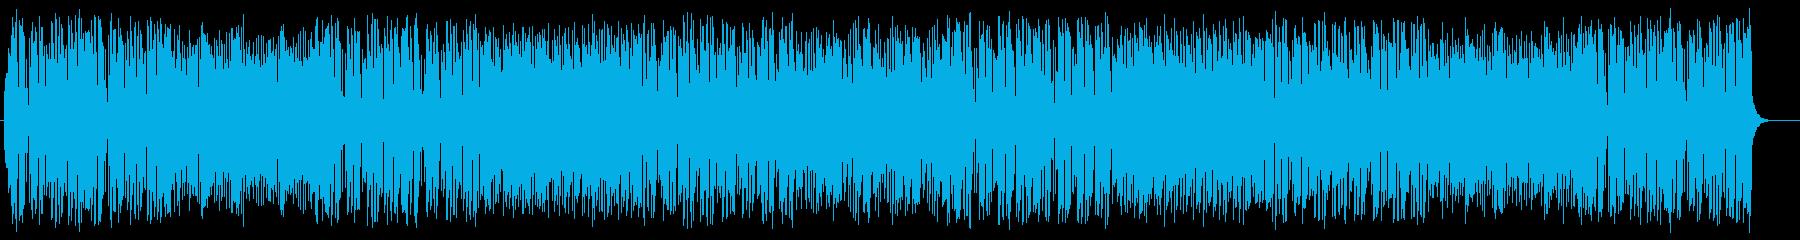 軽快なリズムが特徴のお洒落なポップスの再生済みの波形